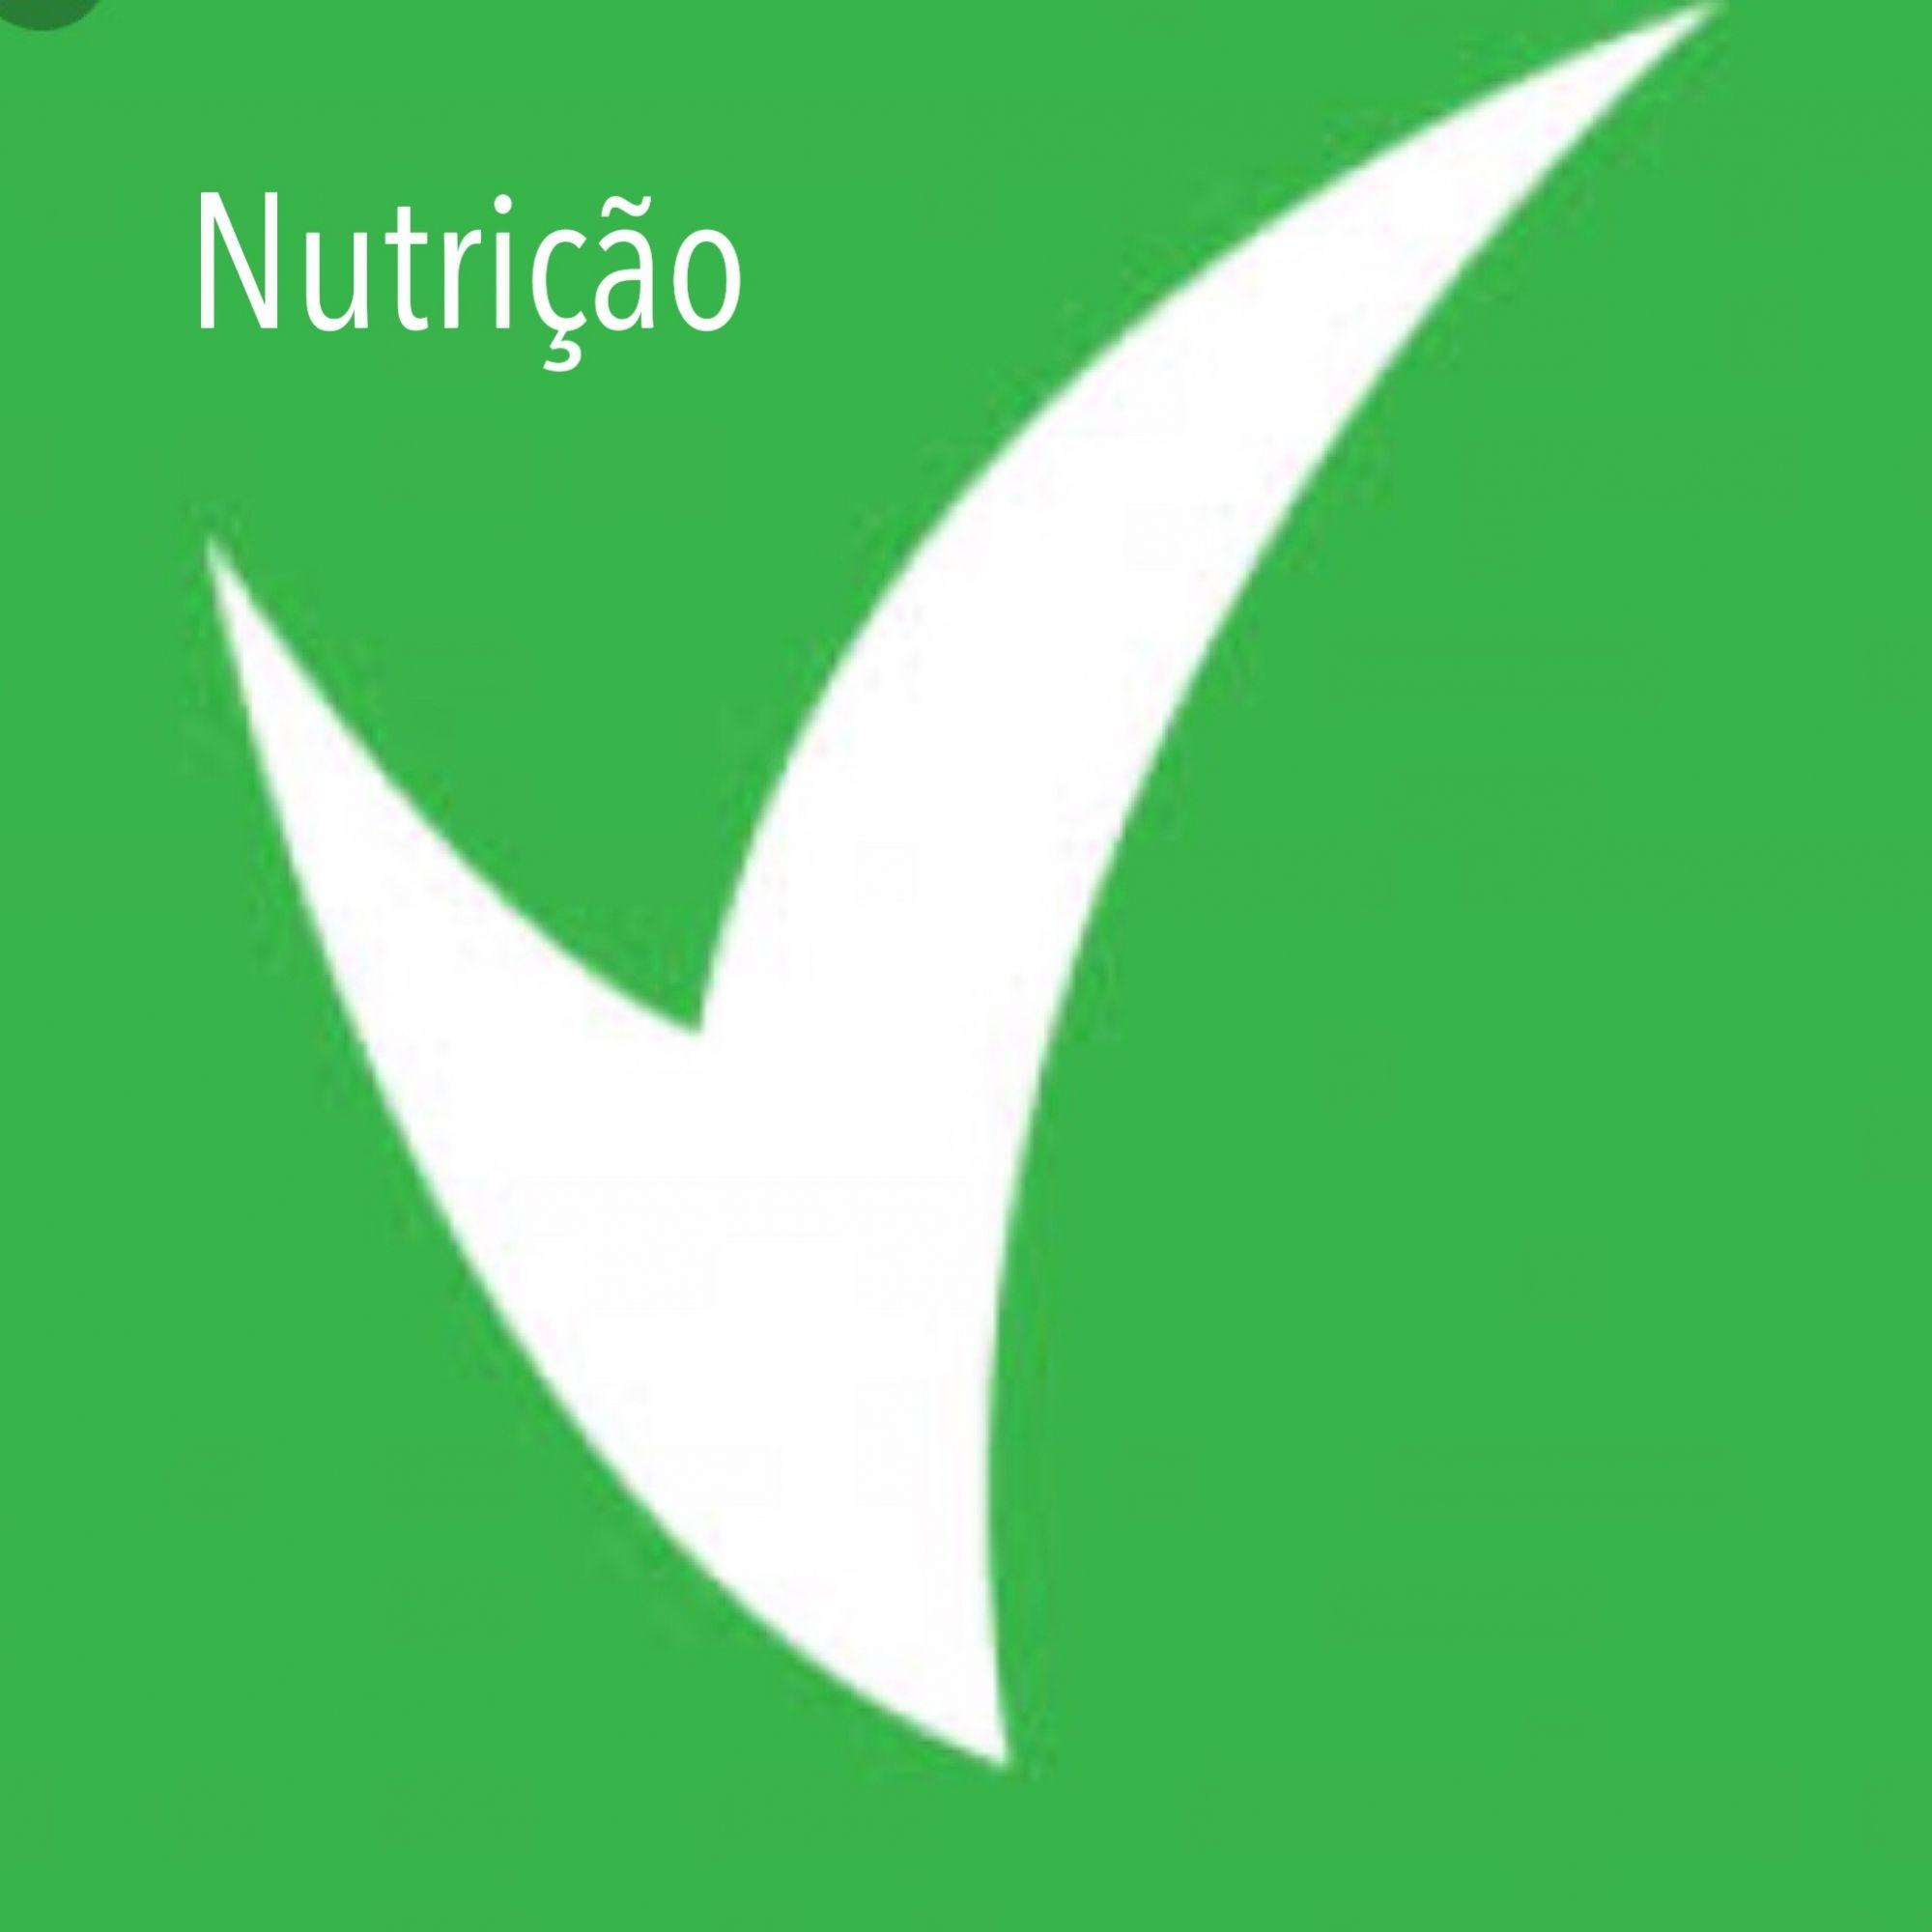 AVANTIS Jalecos NUTRIÇÃO